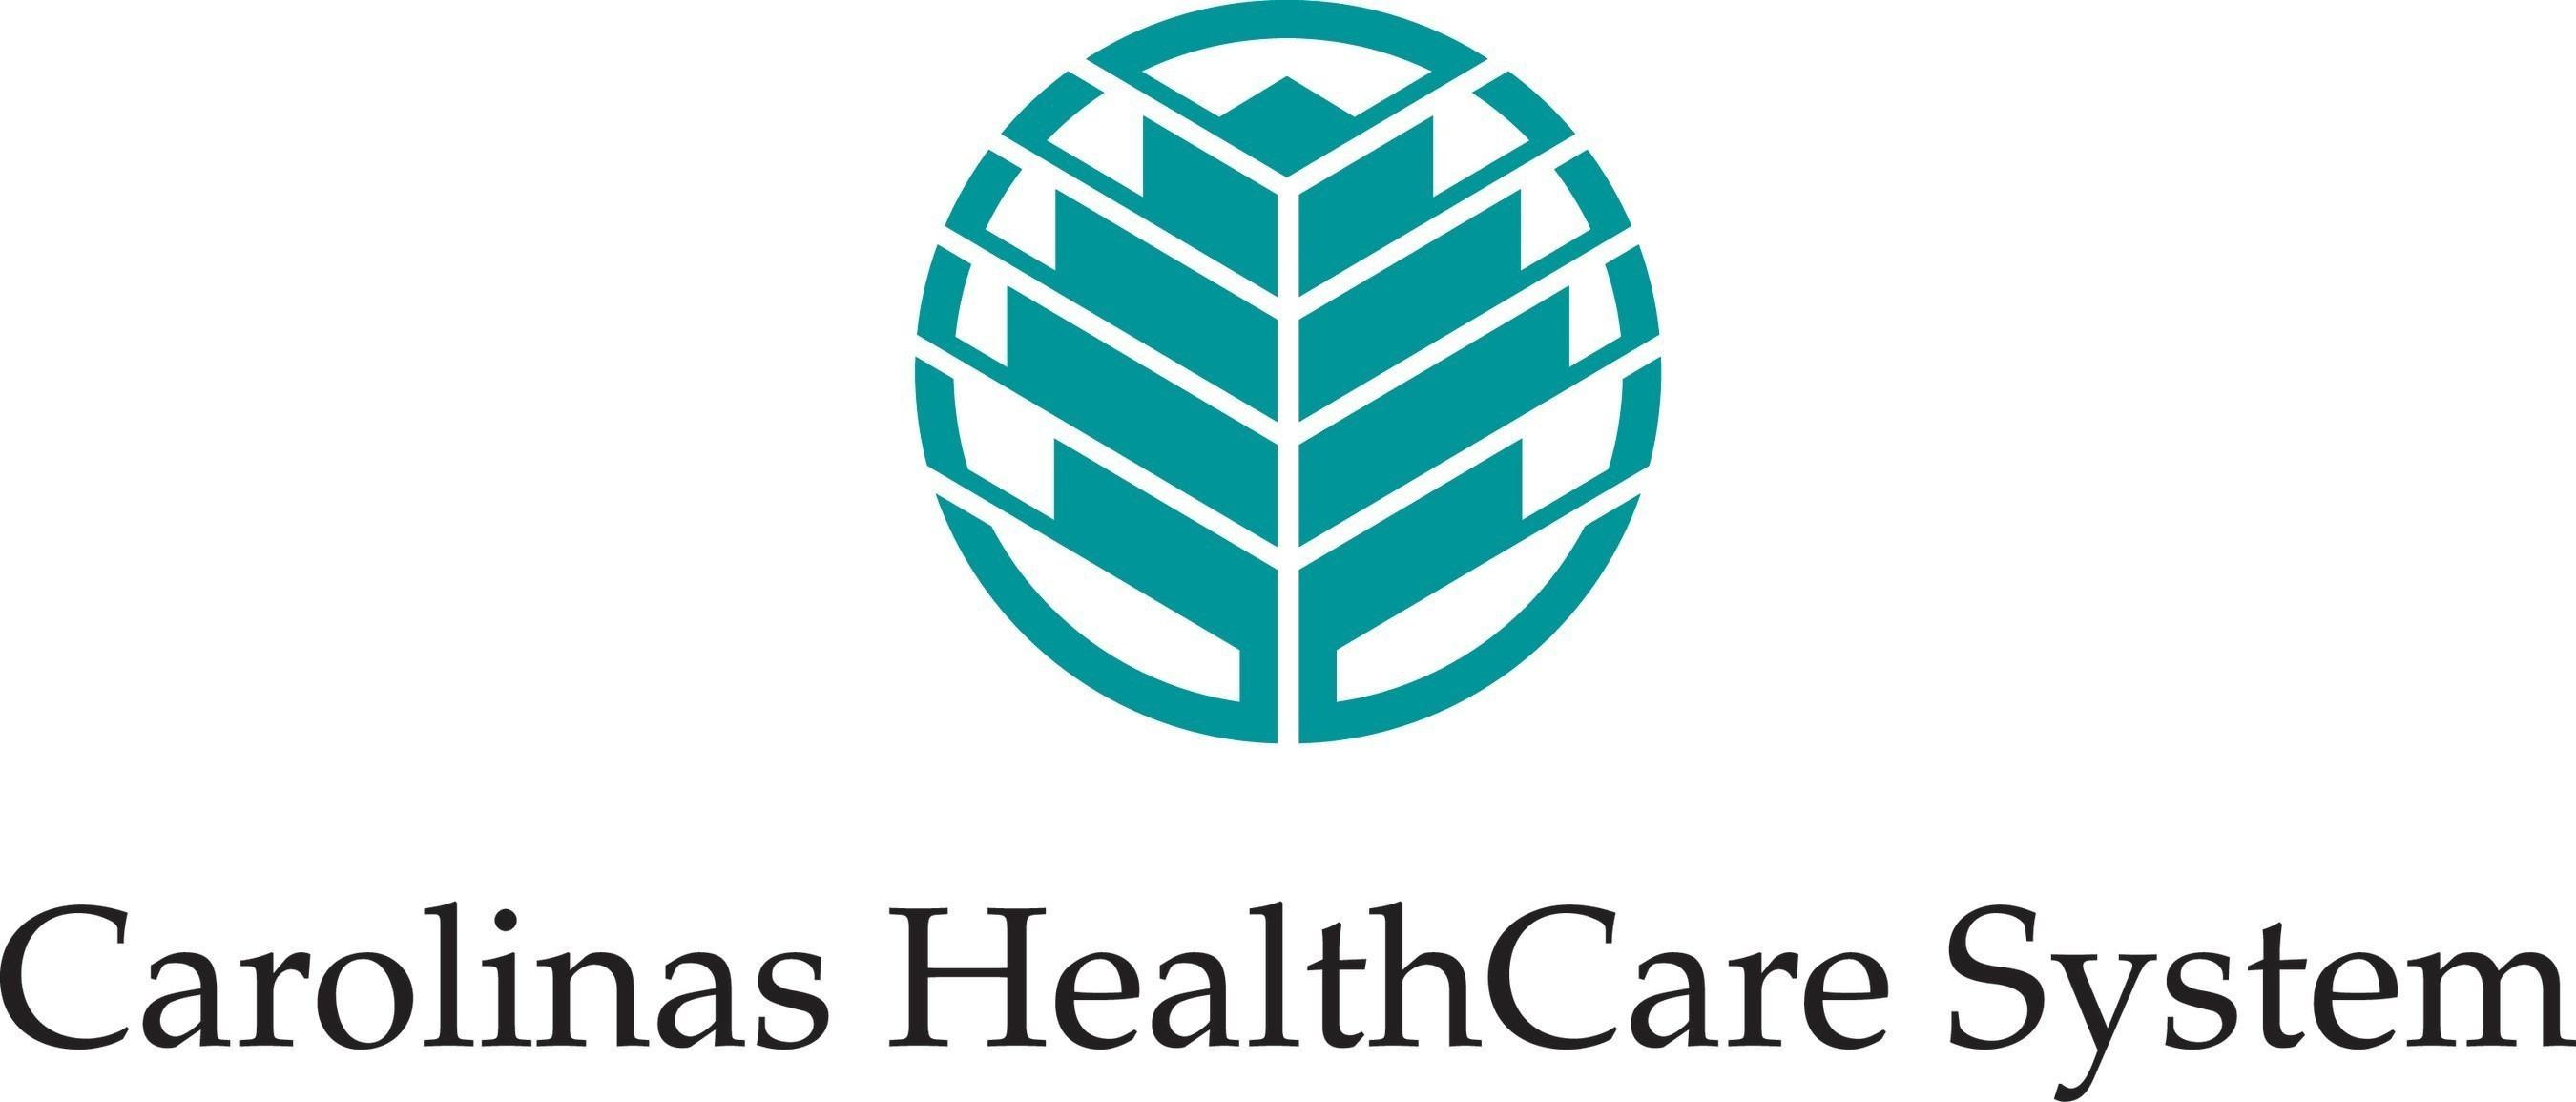 Carolinas HealthCare System Logo